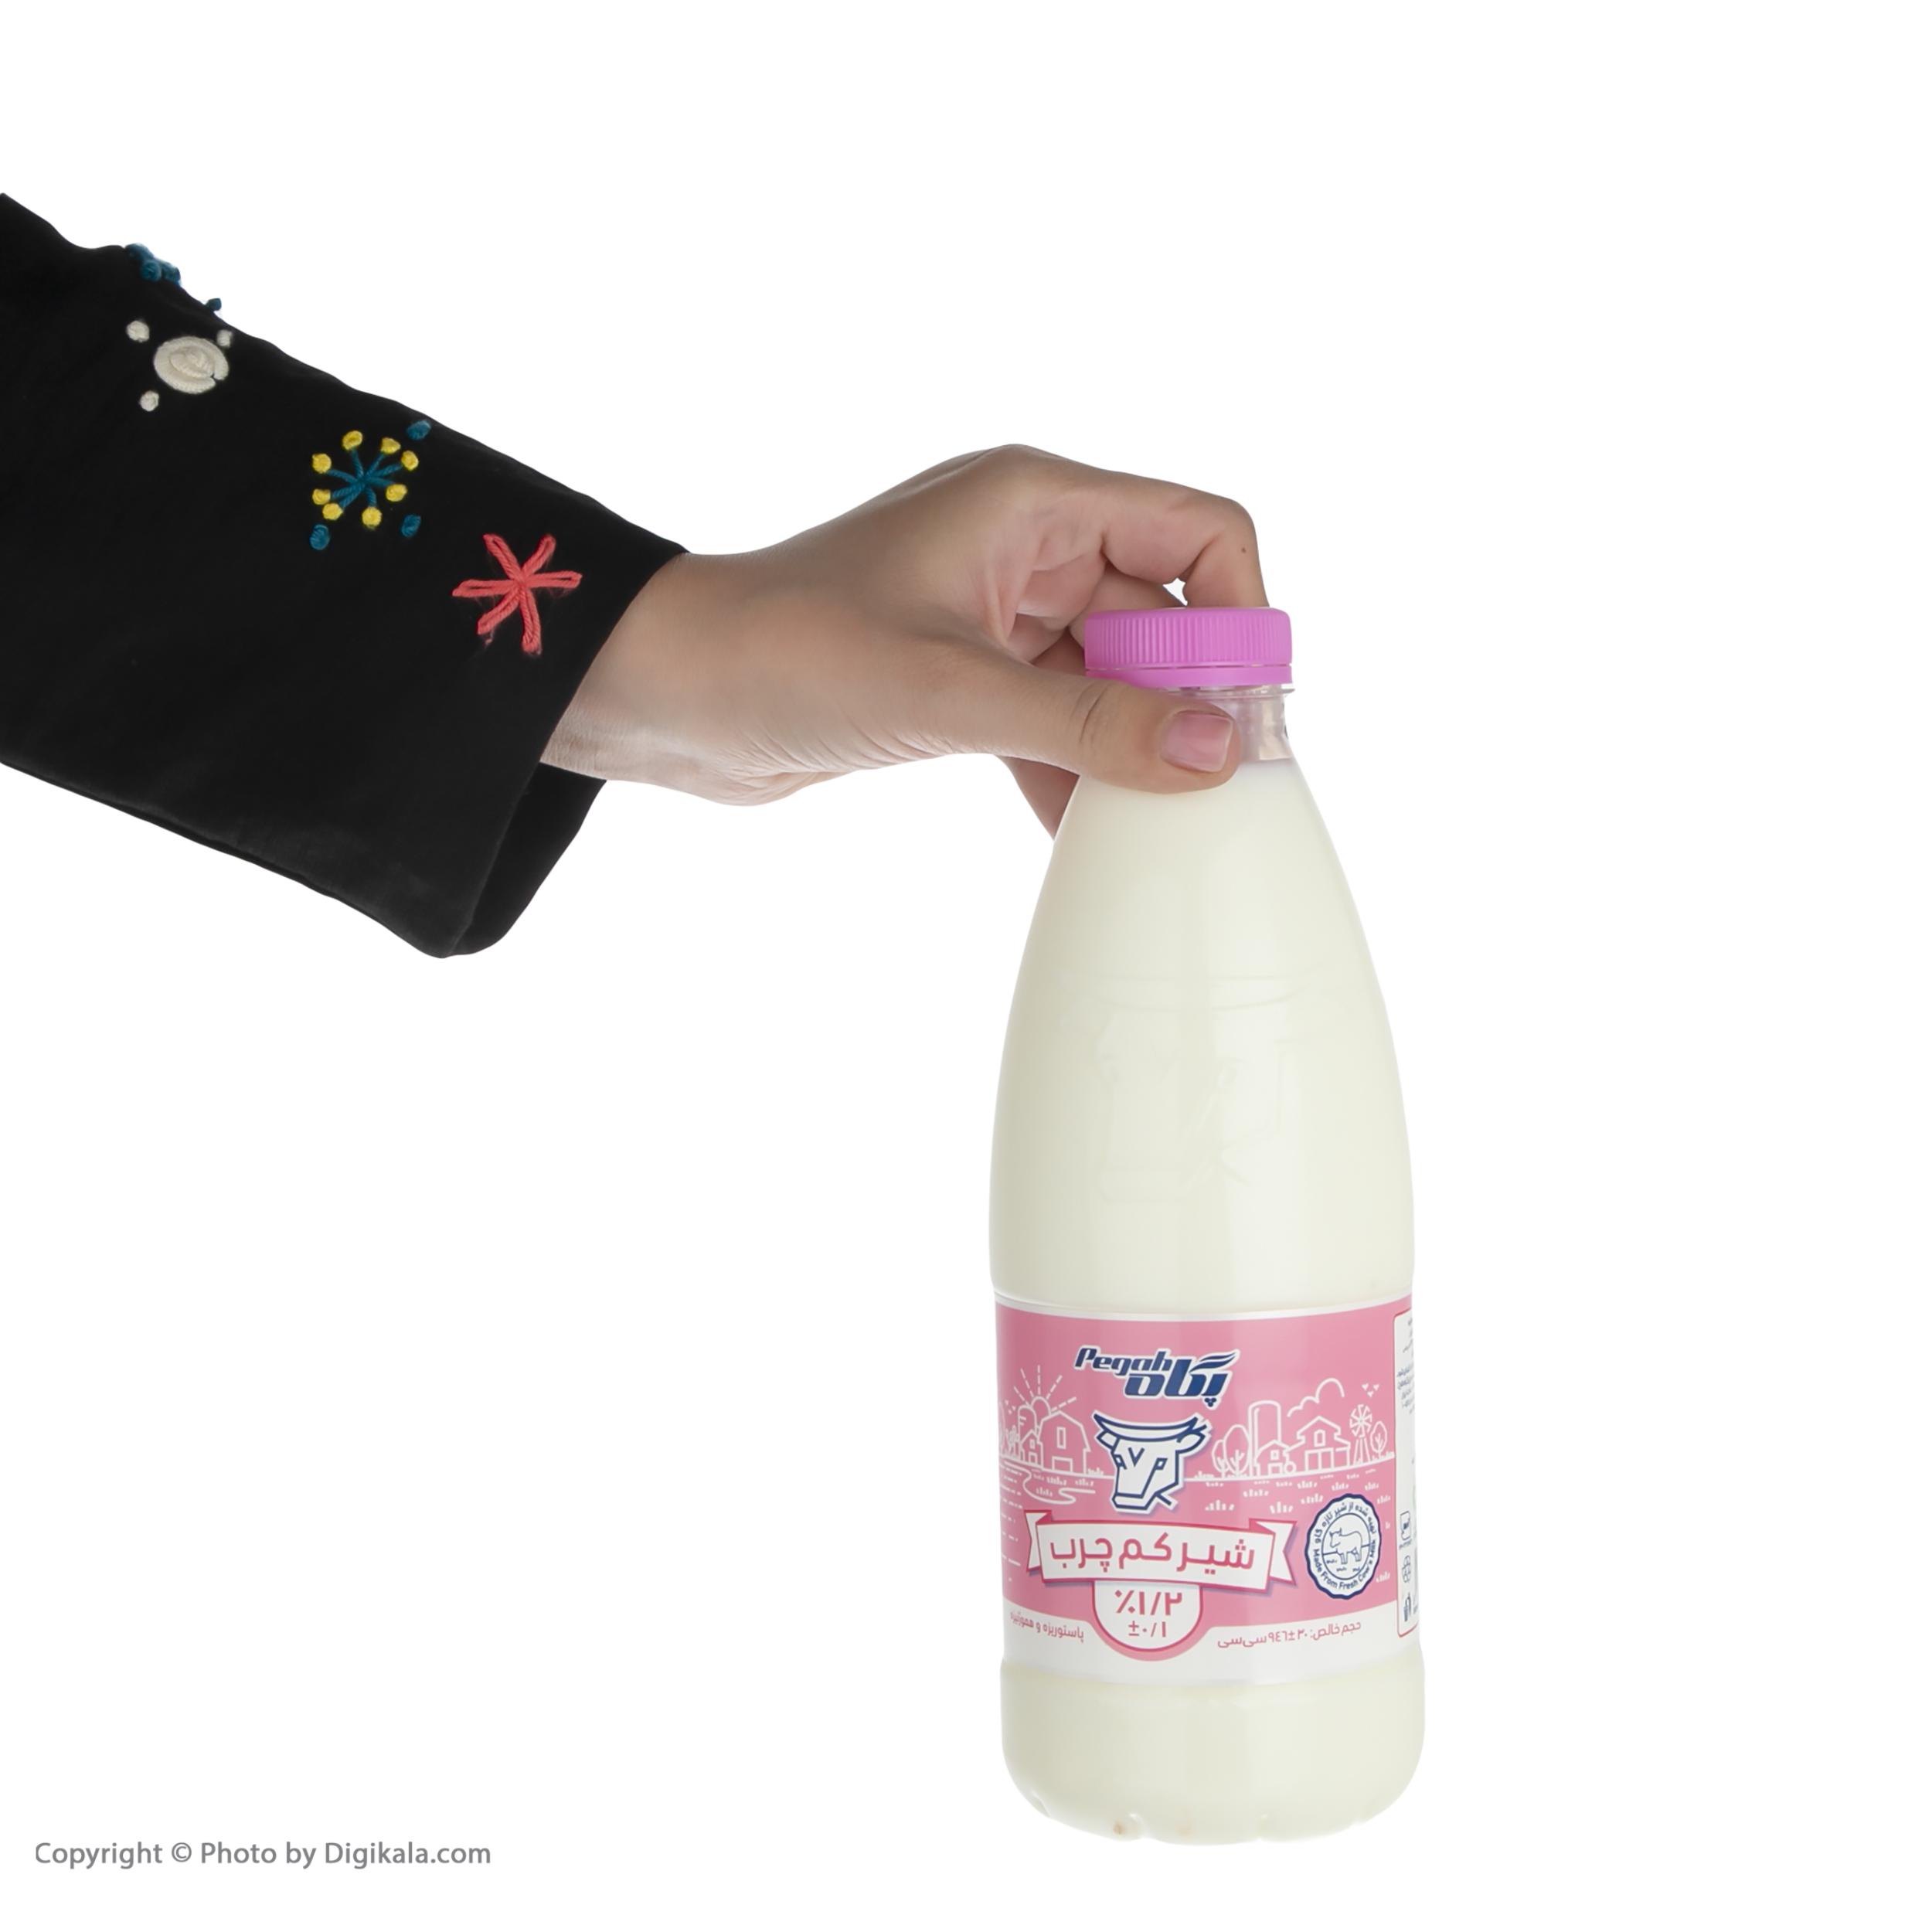 شیر کم چرب پگاه - 946 میلی لیتر